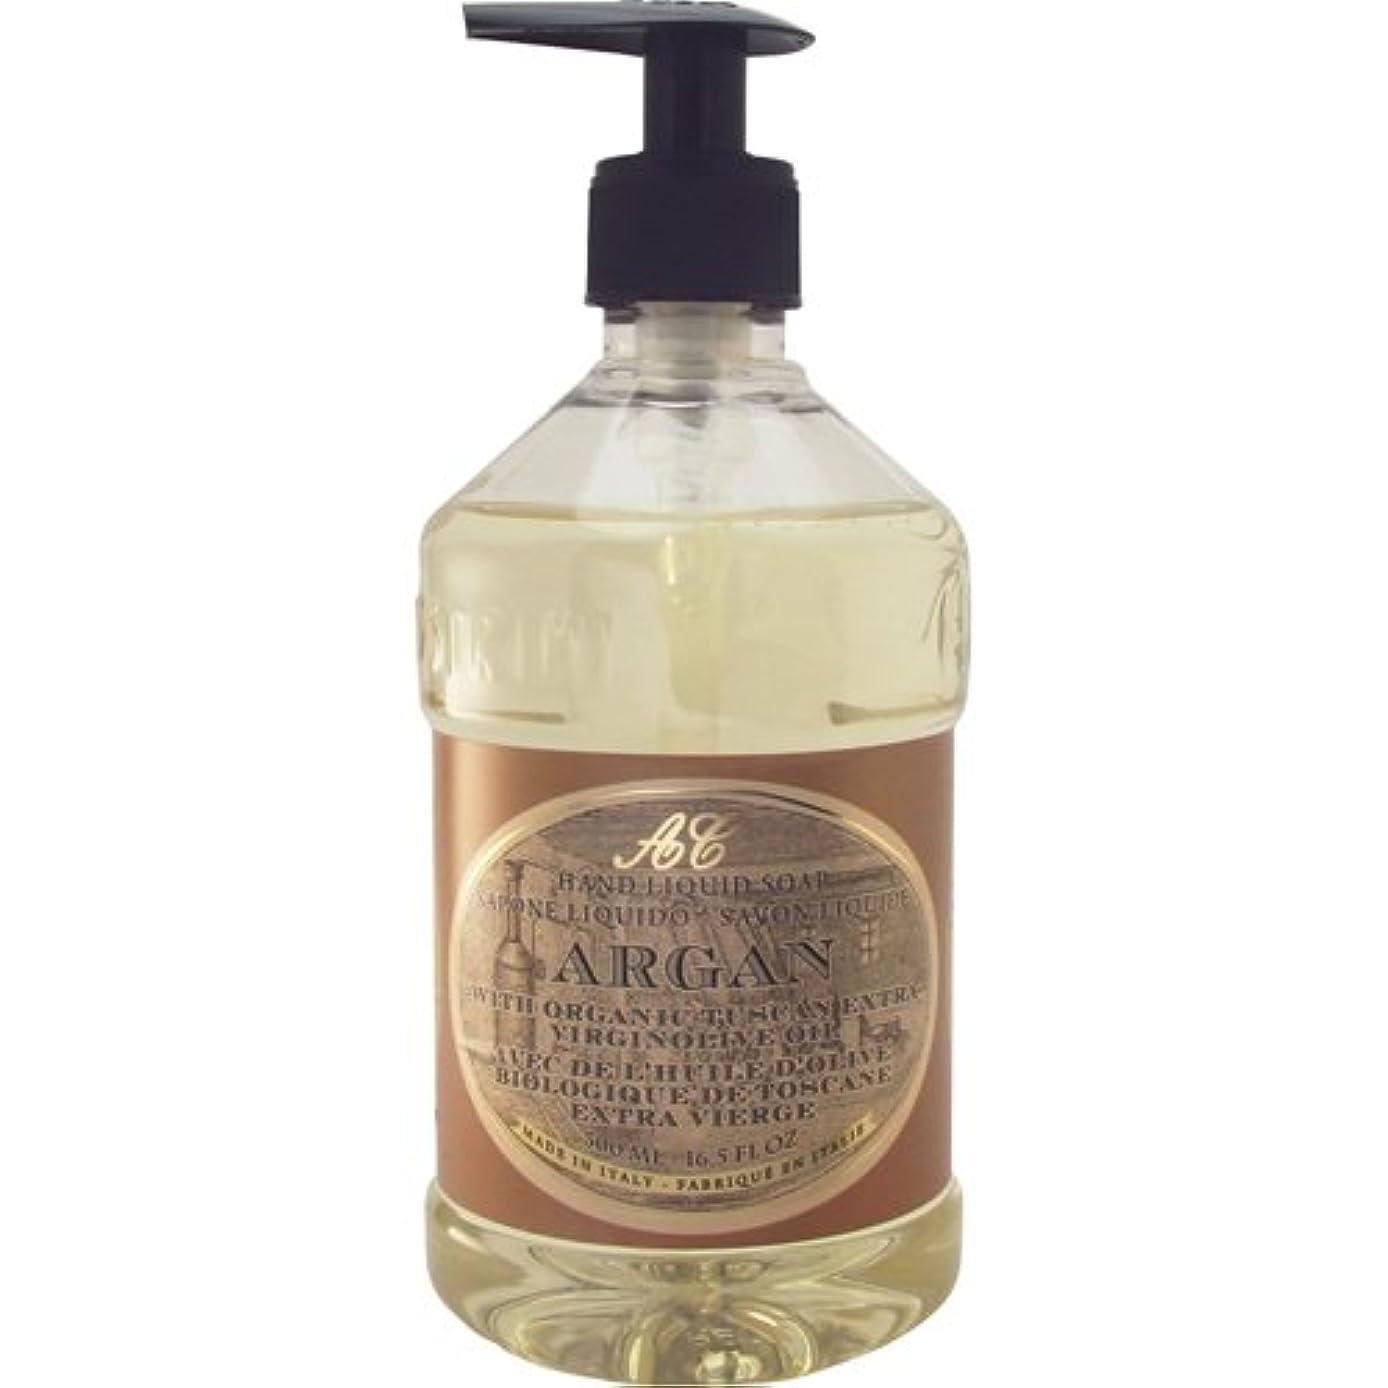 クルーズ文房具文字Saponerire Fissi レトロシリーズ Liquid Soap リキッドソープ 500ml Argan アルガンオイル